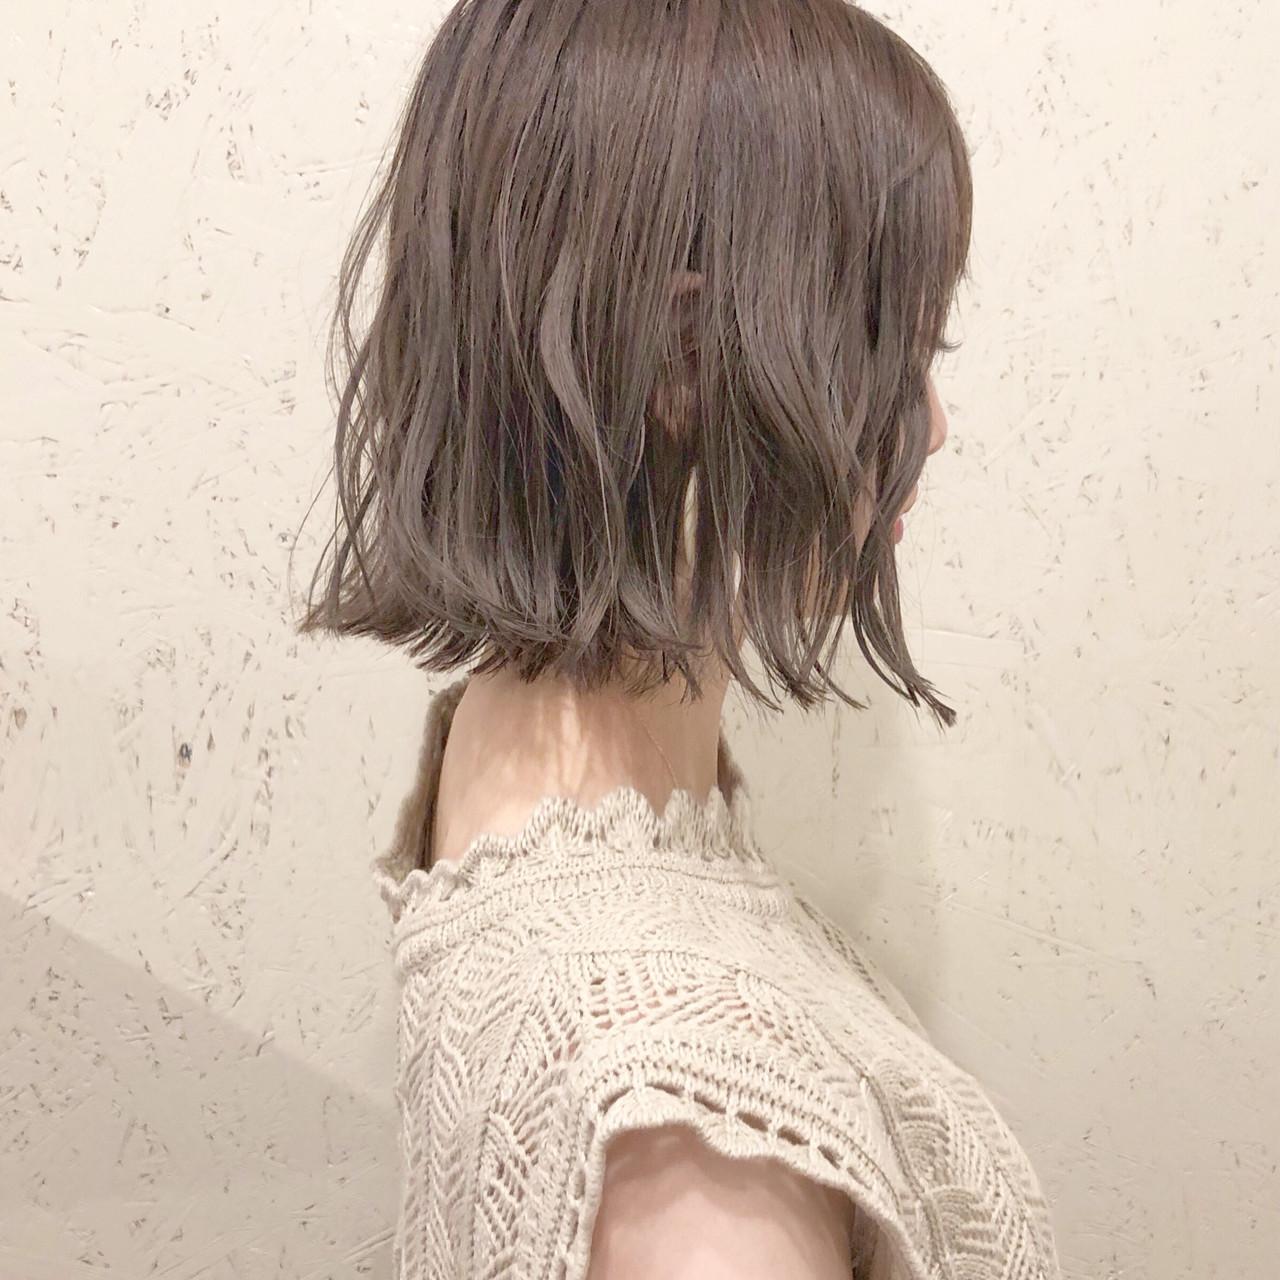 オフィス ボブ フェミニン ヘアアレンジヘアスタイルや髪型の写真・画像